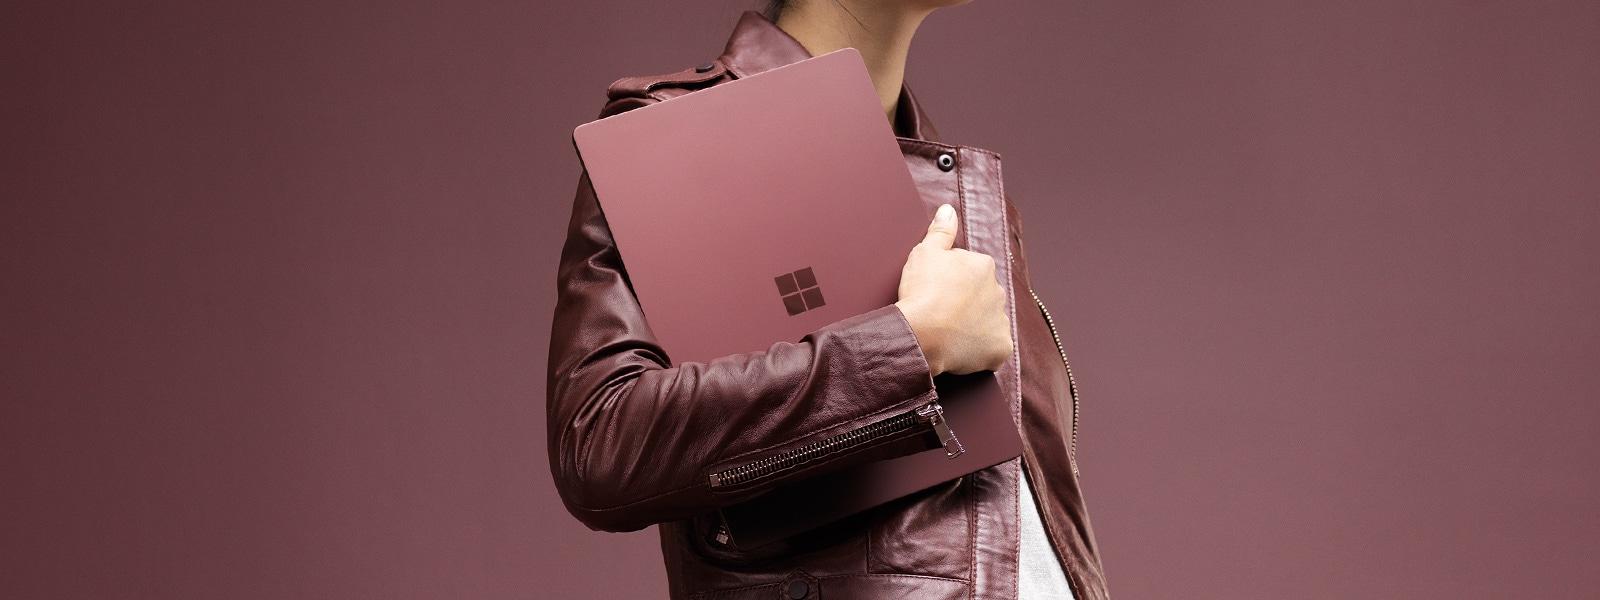 Trendy kvinne som holder den burgunderfargede bærbare Surface-laptopen nær brystet hennes